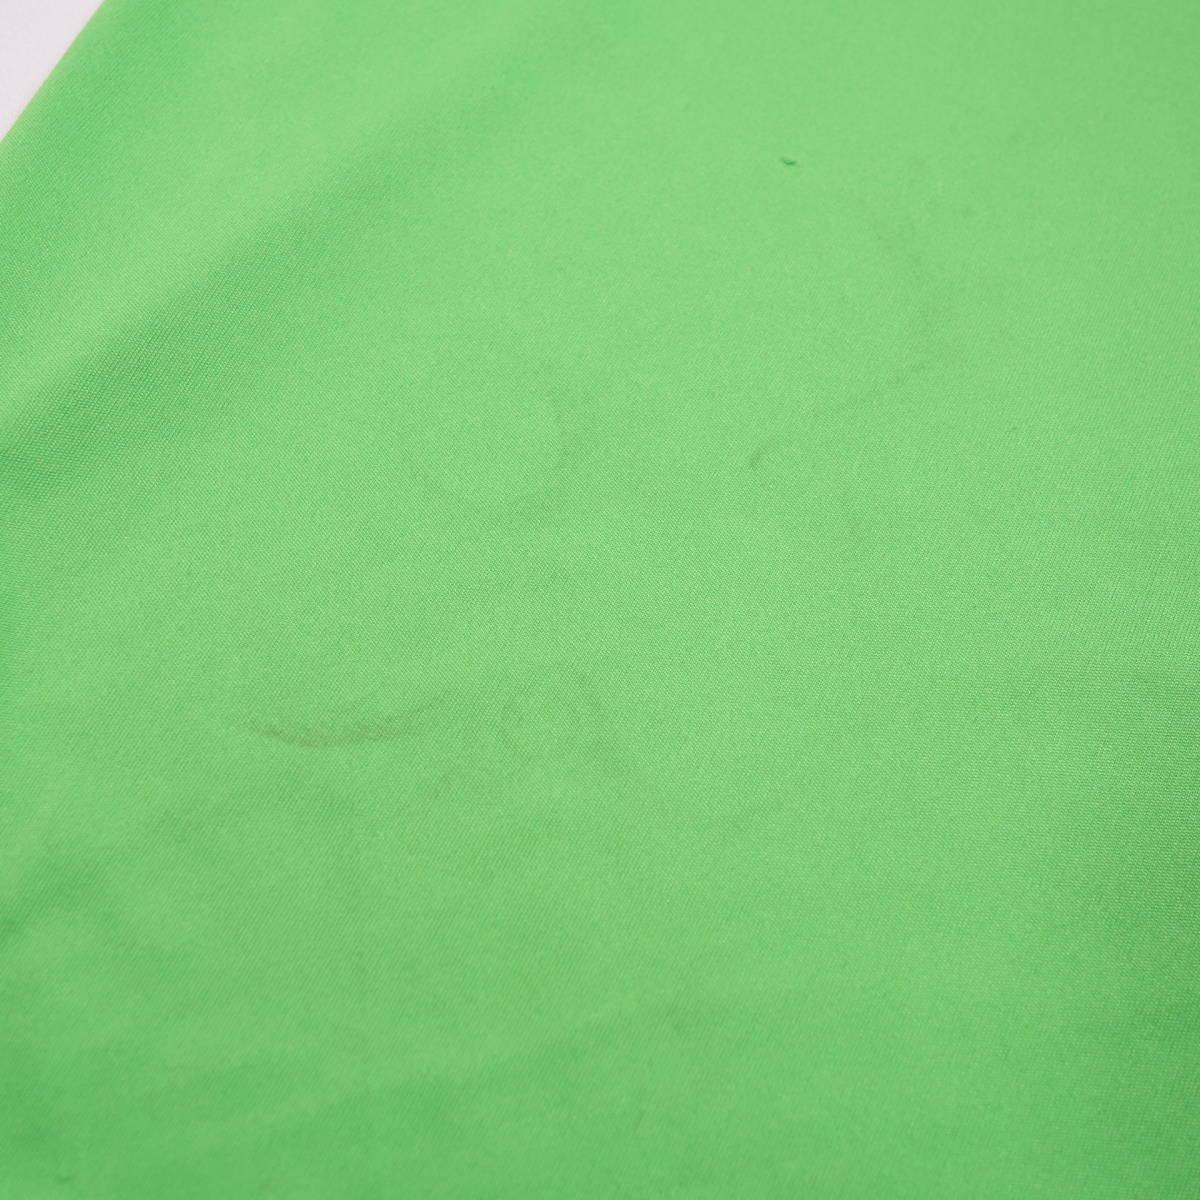 アディダス adidas Tシャツ 半袖 メンズ M クルーネック ワンポイントロゴ 三本ライン スポーツ カジュアル USA直輸入 古着 MAD-1-1-0037_画像9